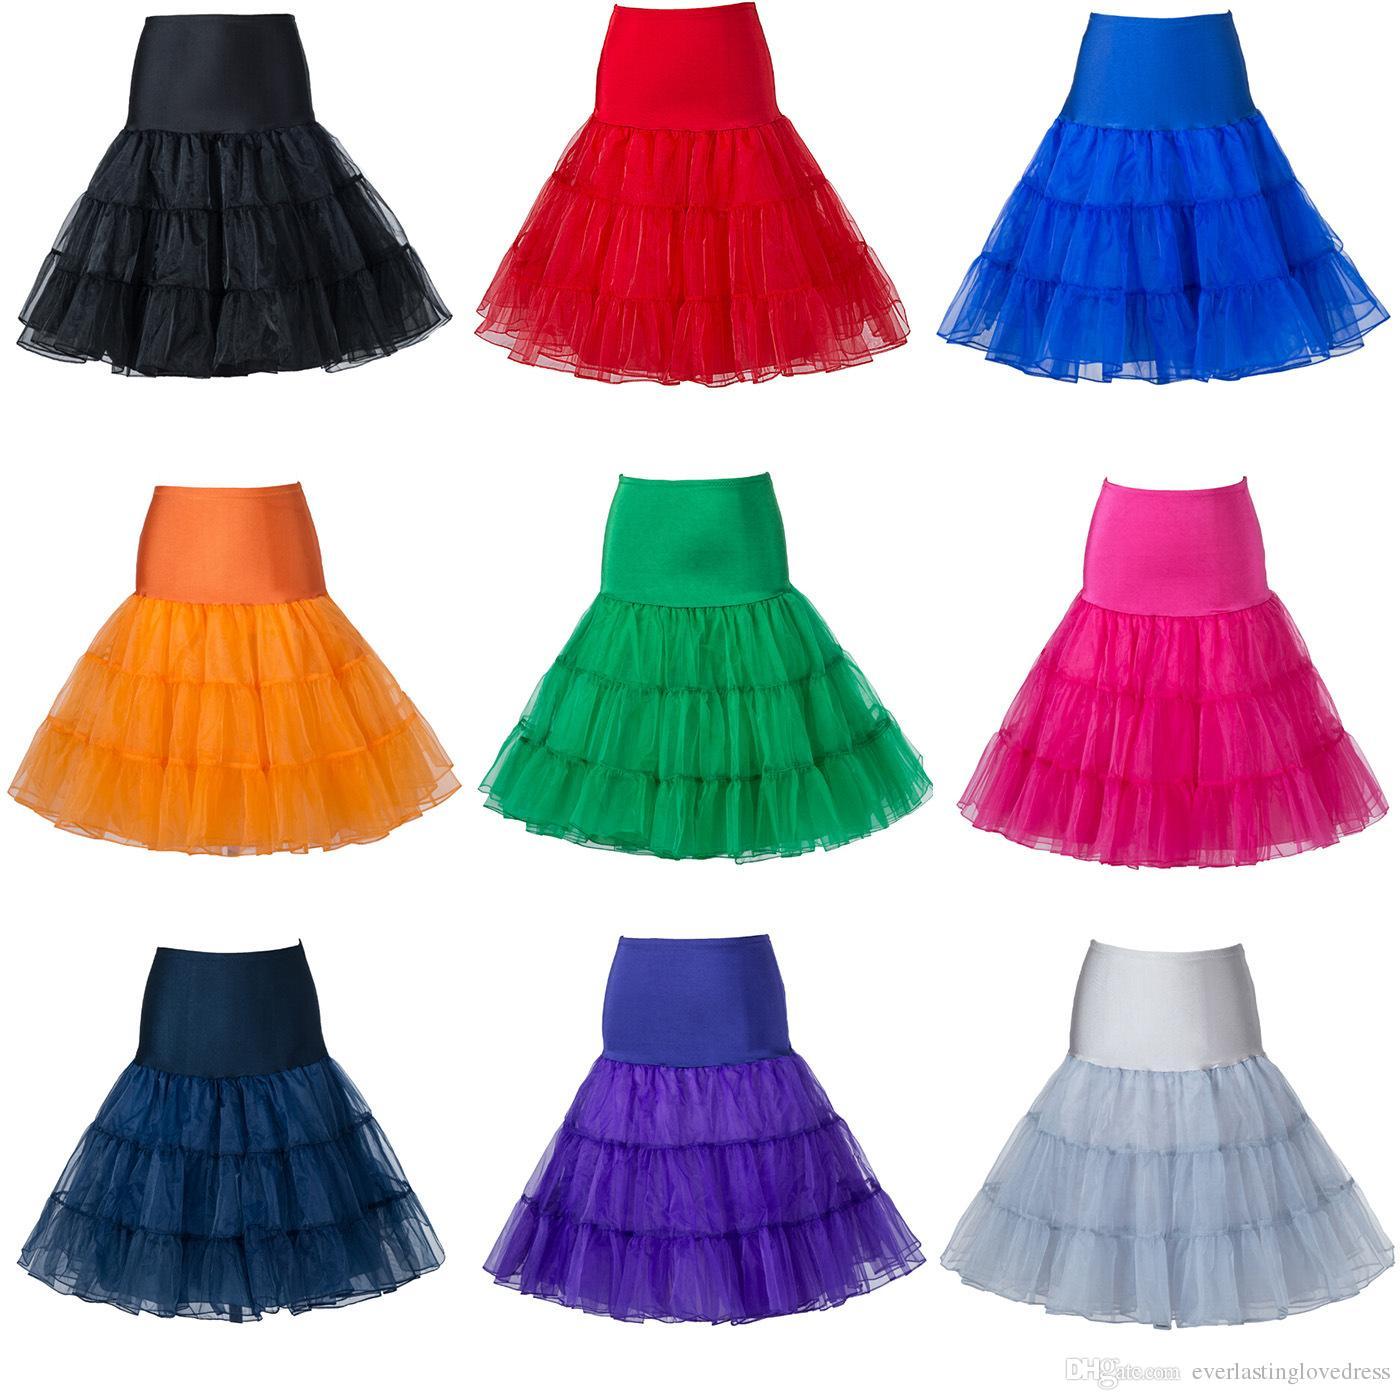 Юбка с petticoat